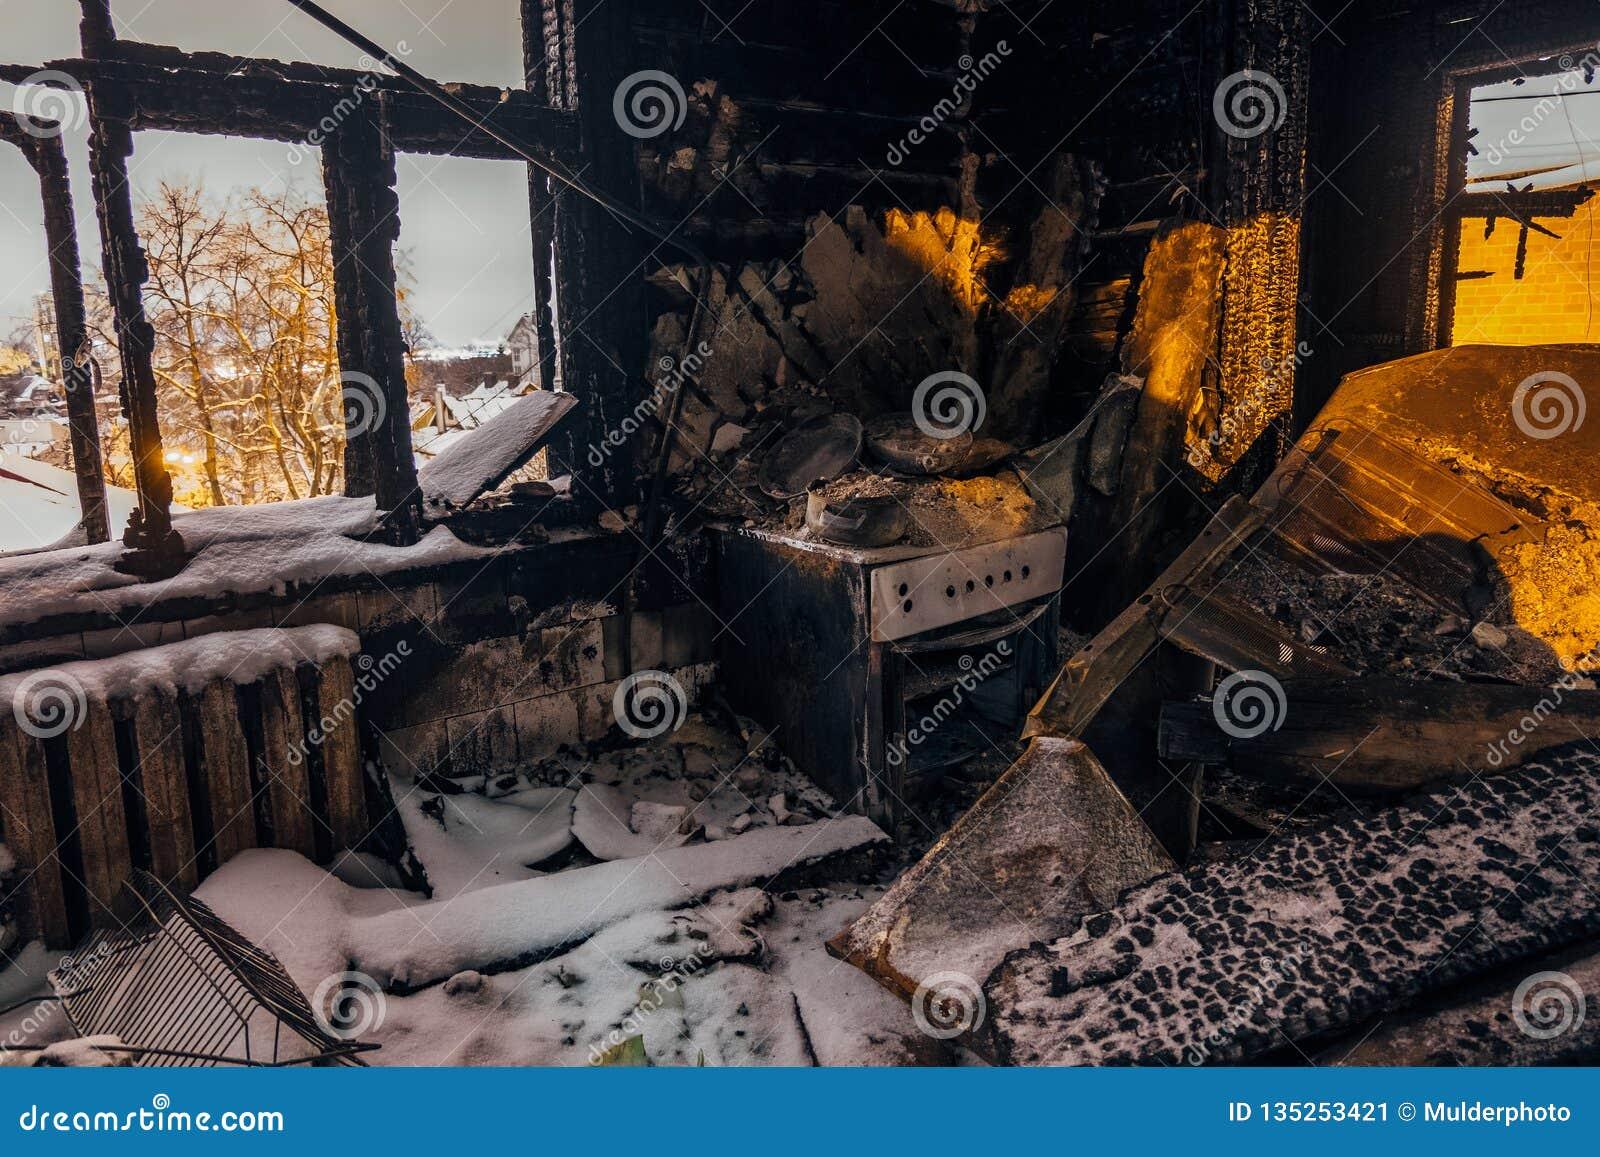 Casa Quemada Interior Cocina Quemada Restos De La Estufa Y